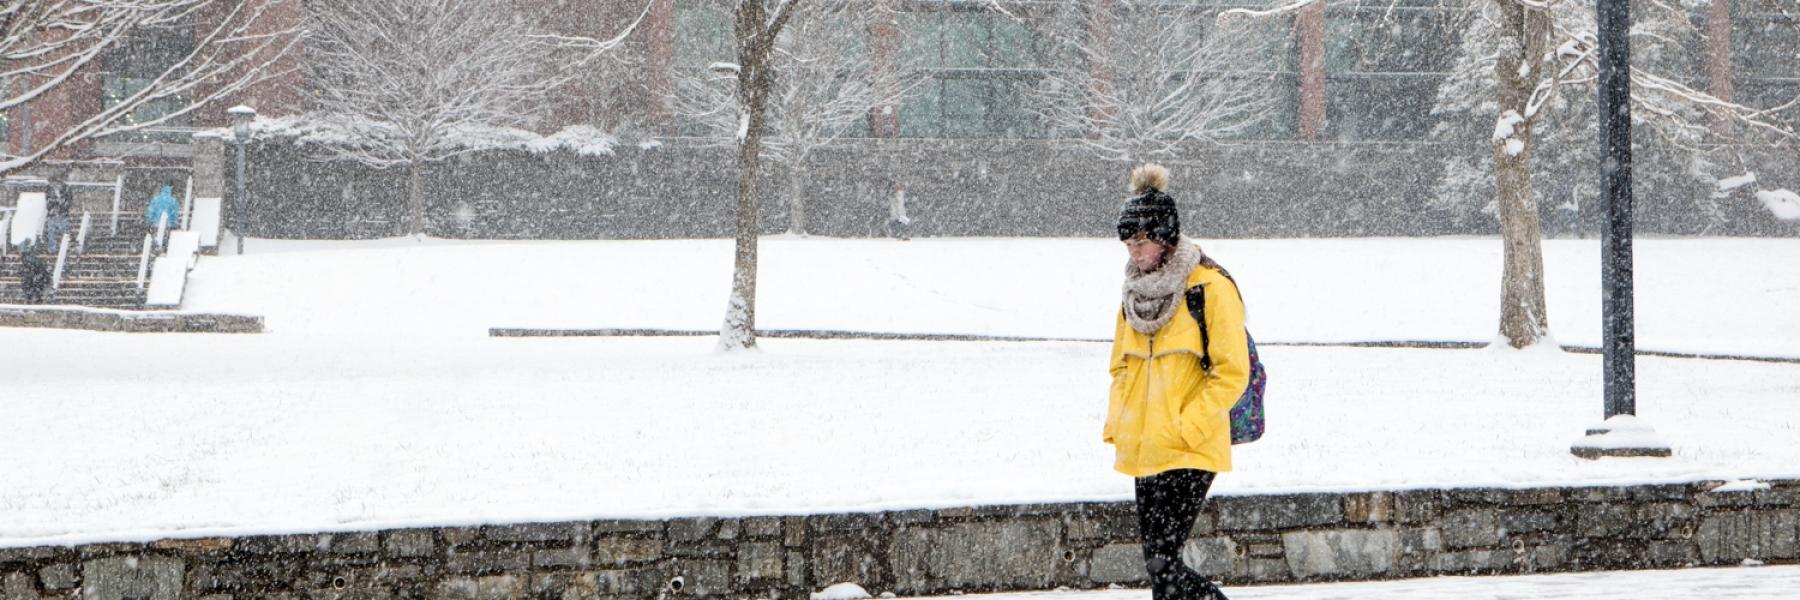 Image, Snow, Walking